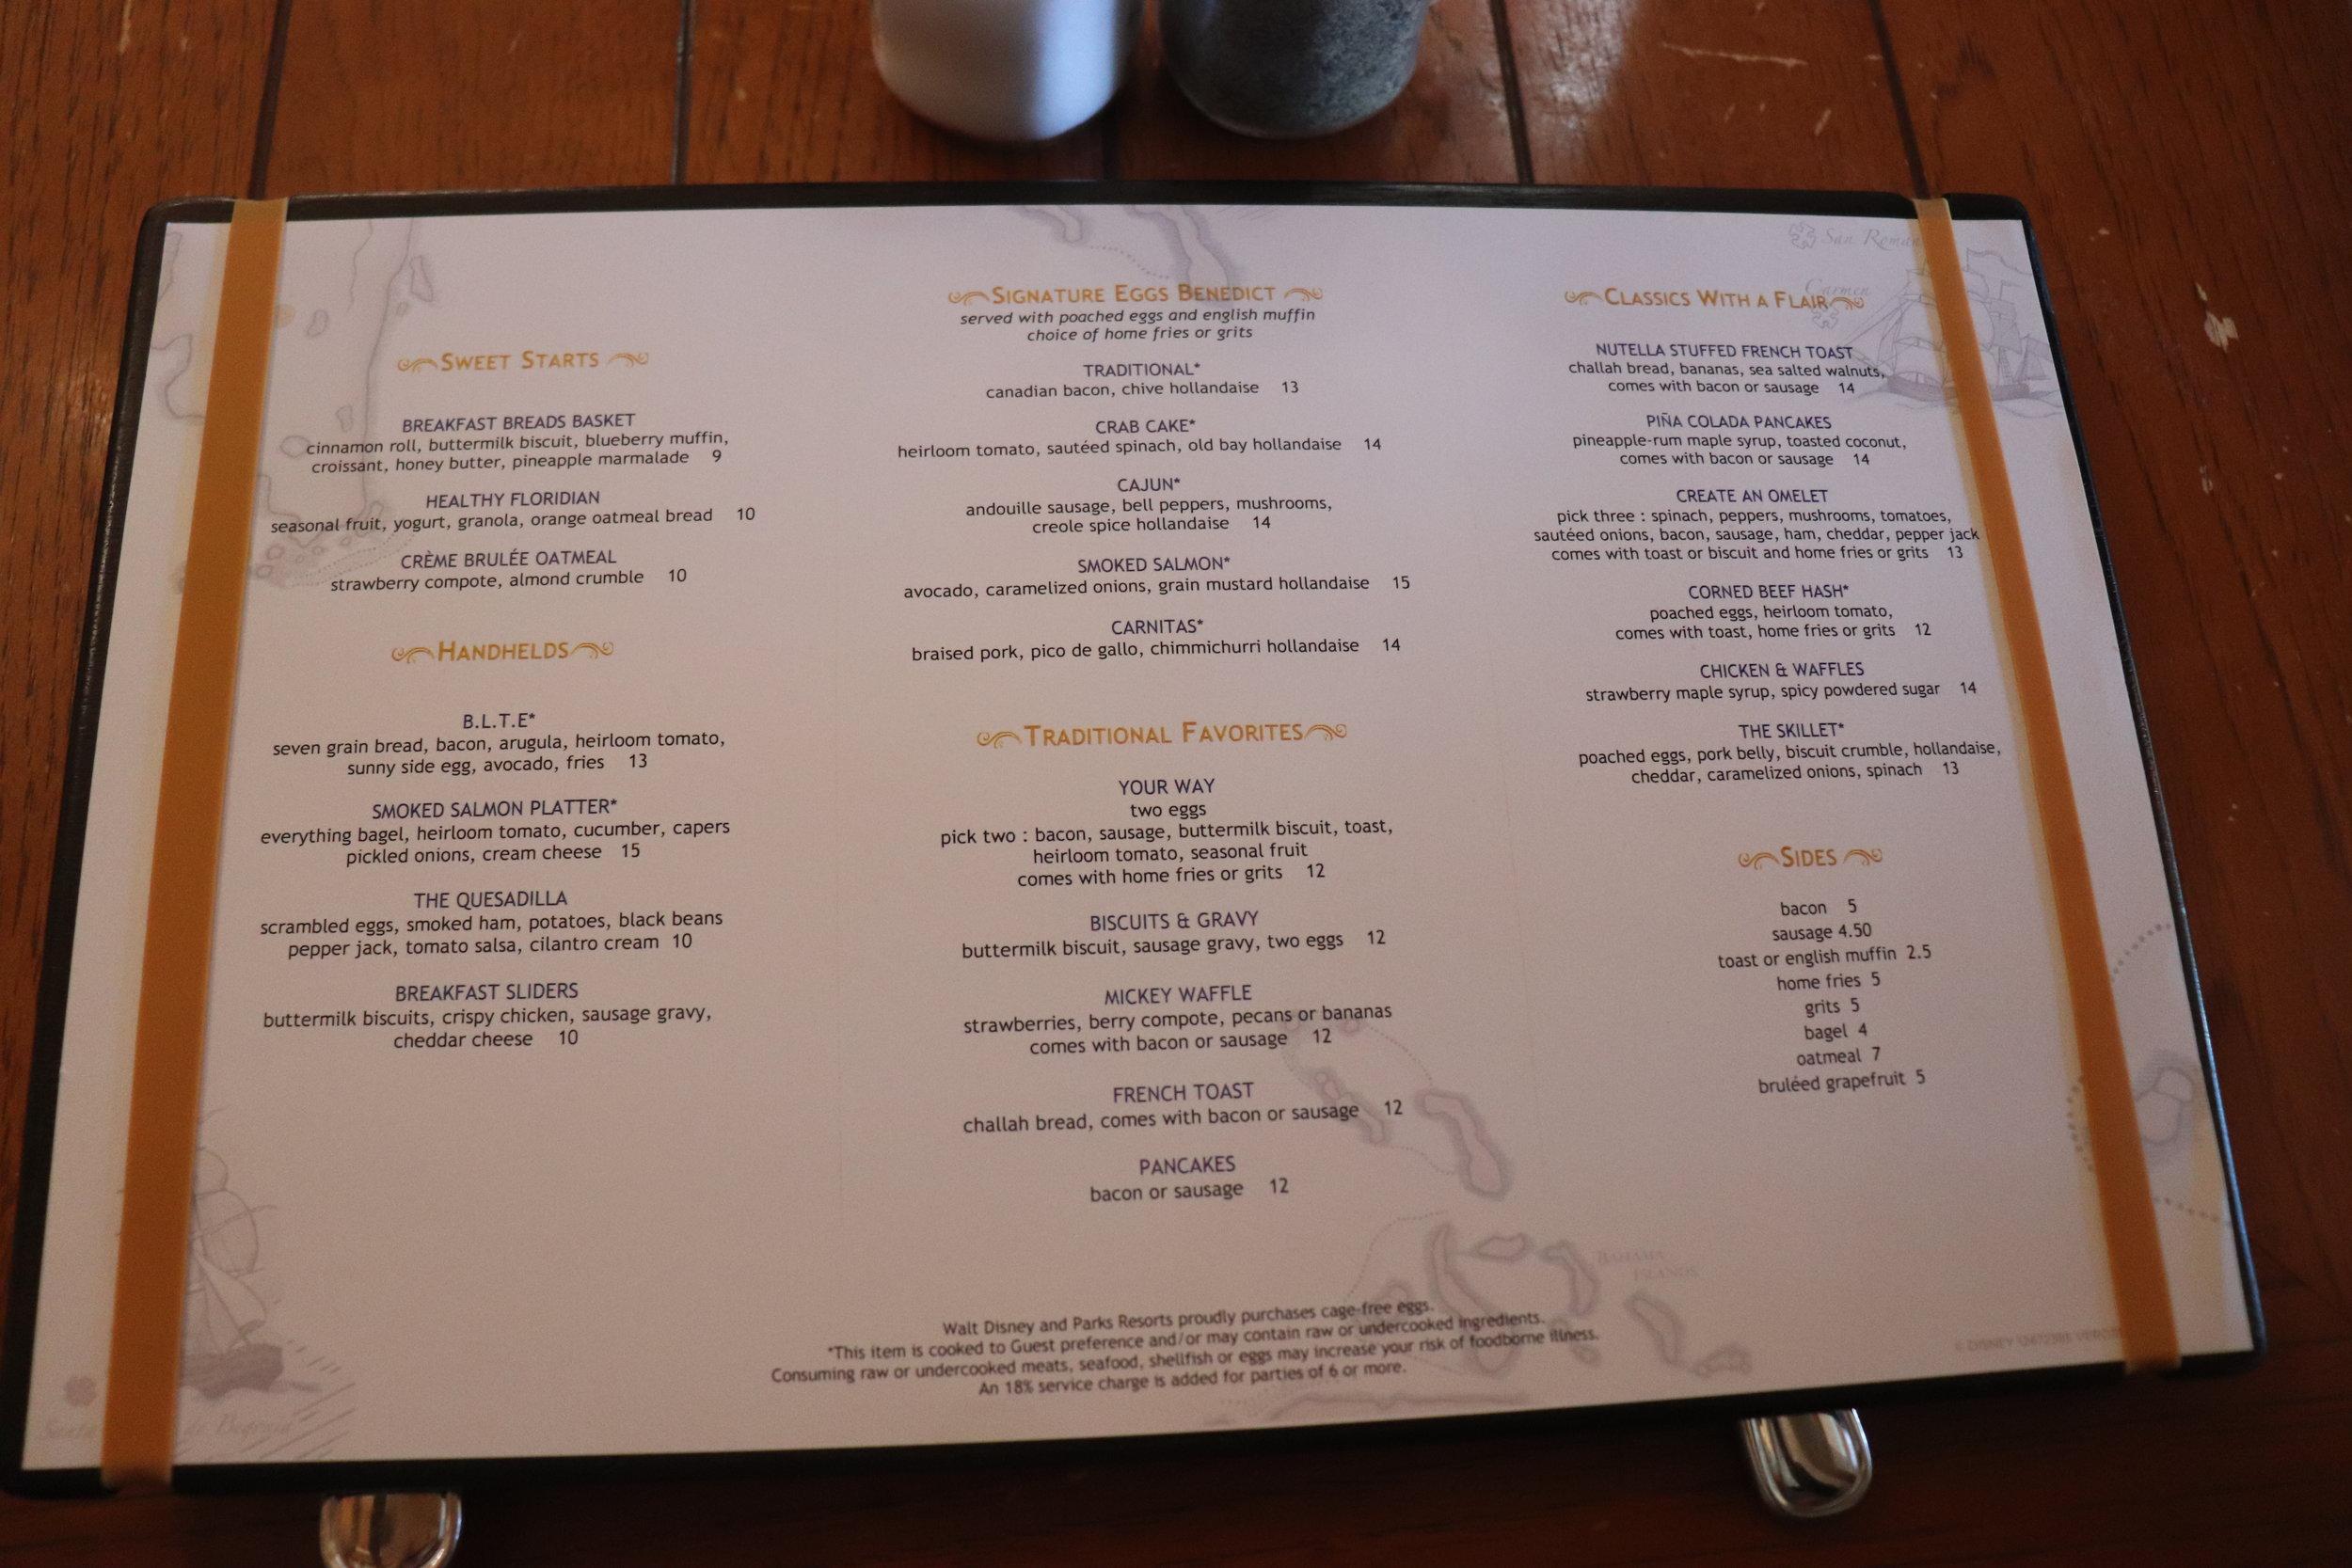 Breakfast Menu (Click to Enlarge)